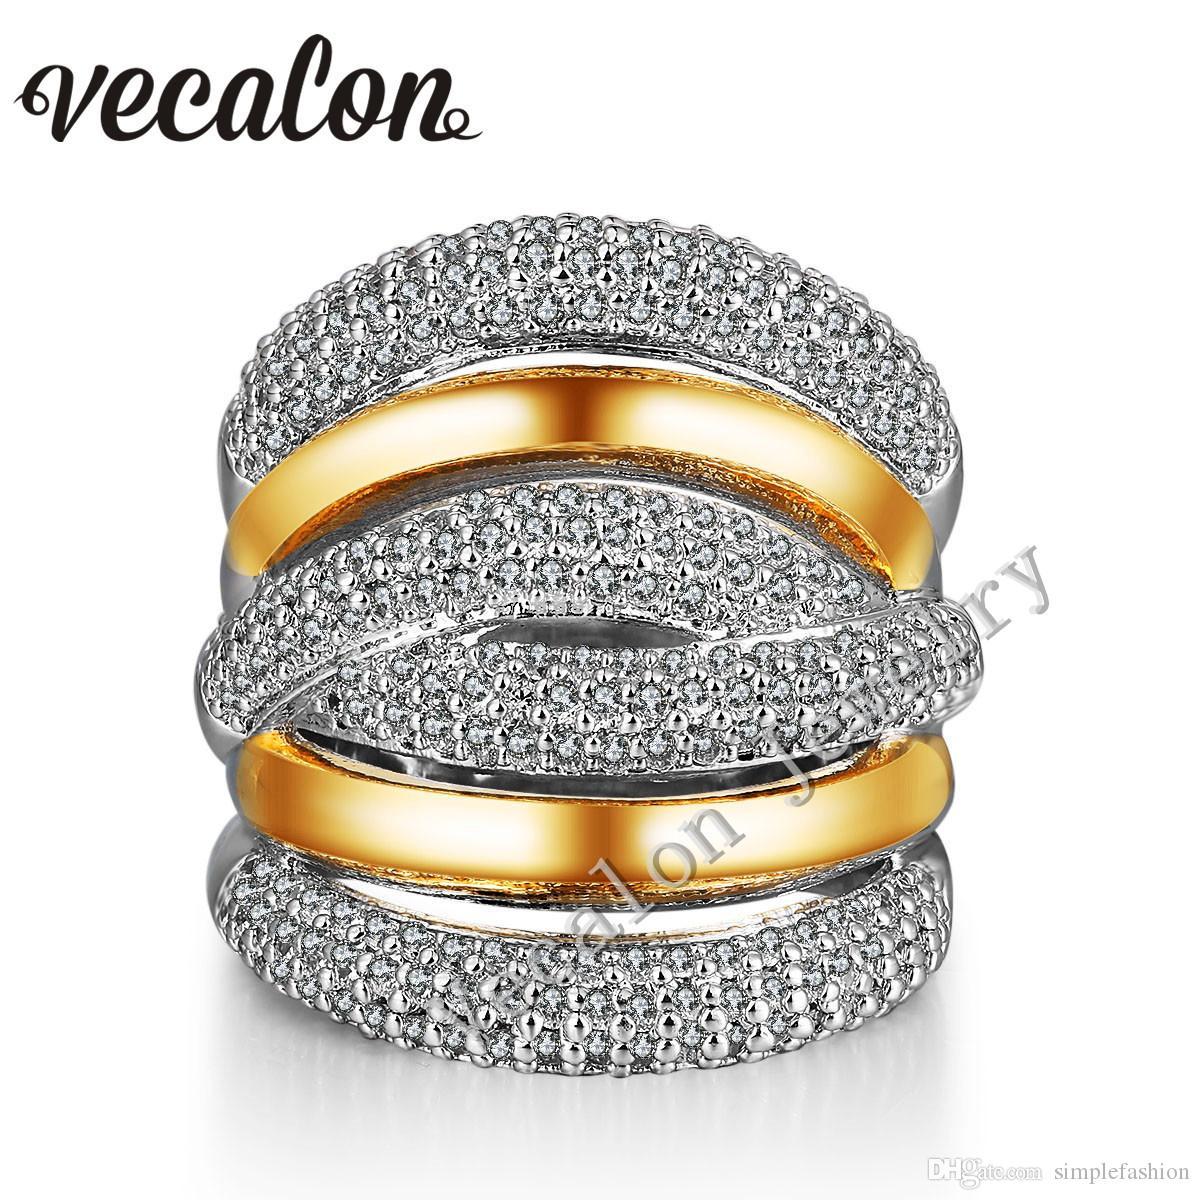 Vecalon 234pcs Anello di matrimonio Topaz diamante simulato Cz Croce impegno per le donne 14KT Bianco, Giallo, pieno d'oro femminile anello Banda